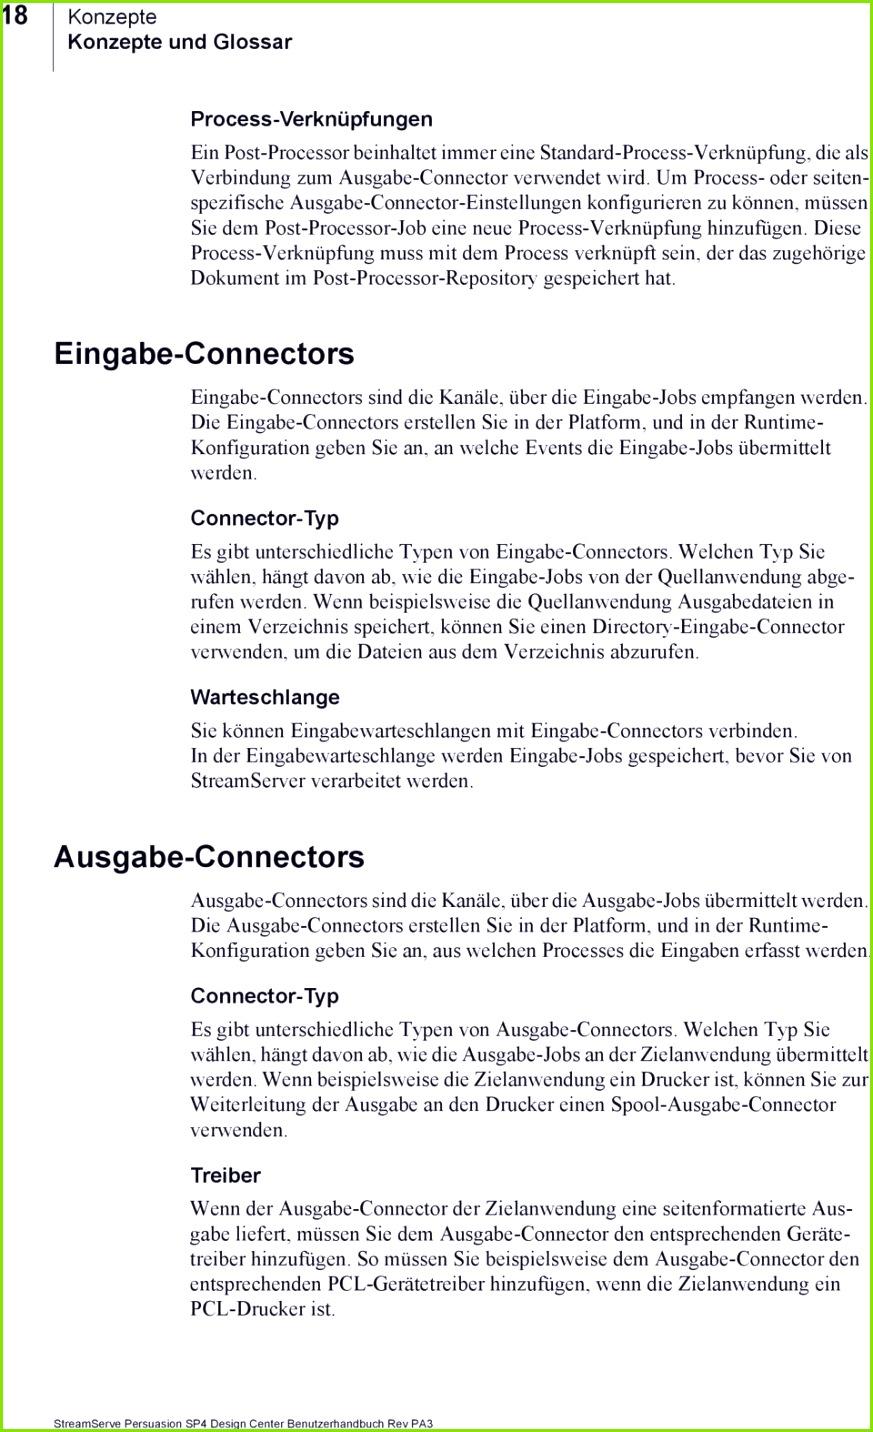 Qm Zahnarztpraxis Vorlagen Luxus Qm Handbuch Muster — Omnomgno Unterhaltsam Risikomanagement Handbuch Vorlage Qm Handbuch Pflege